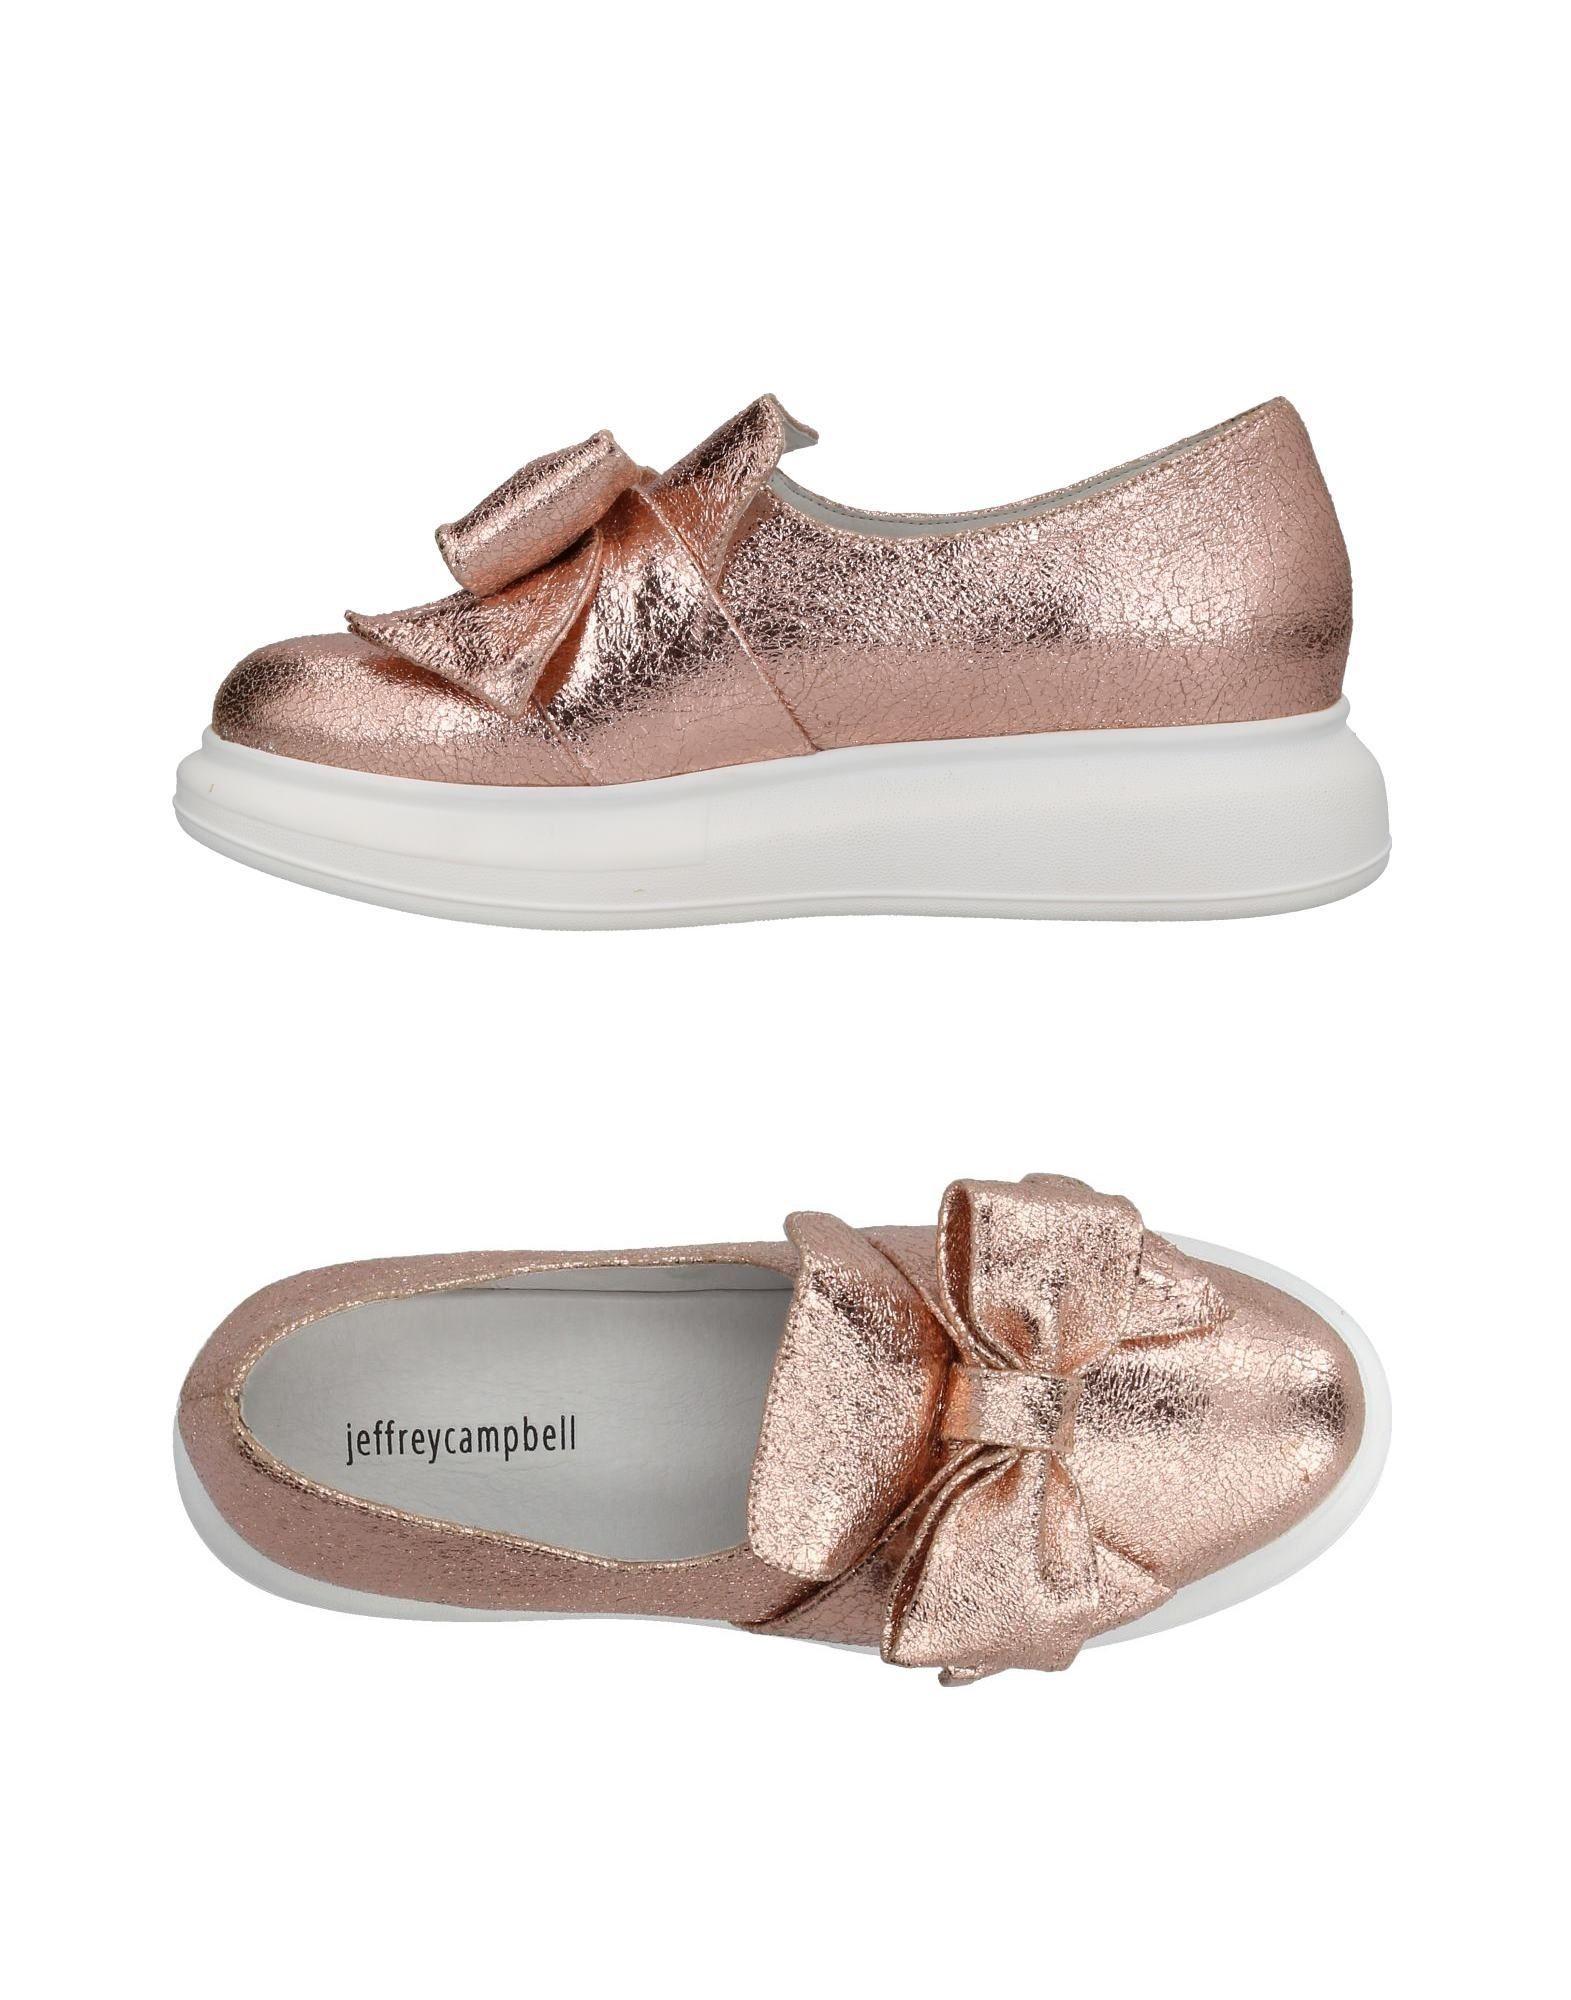 Jeffrey Campbell Sneakers Damen  11381005JE Gute Qualität beliebte Schuhe